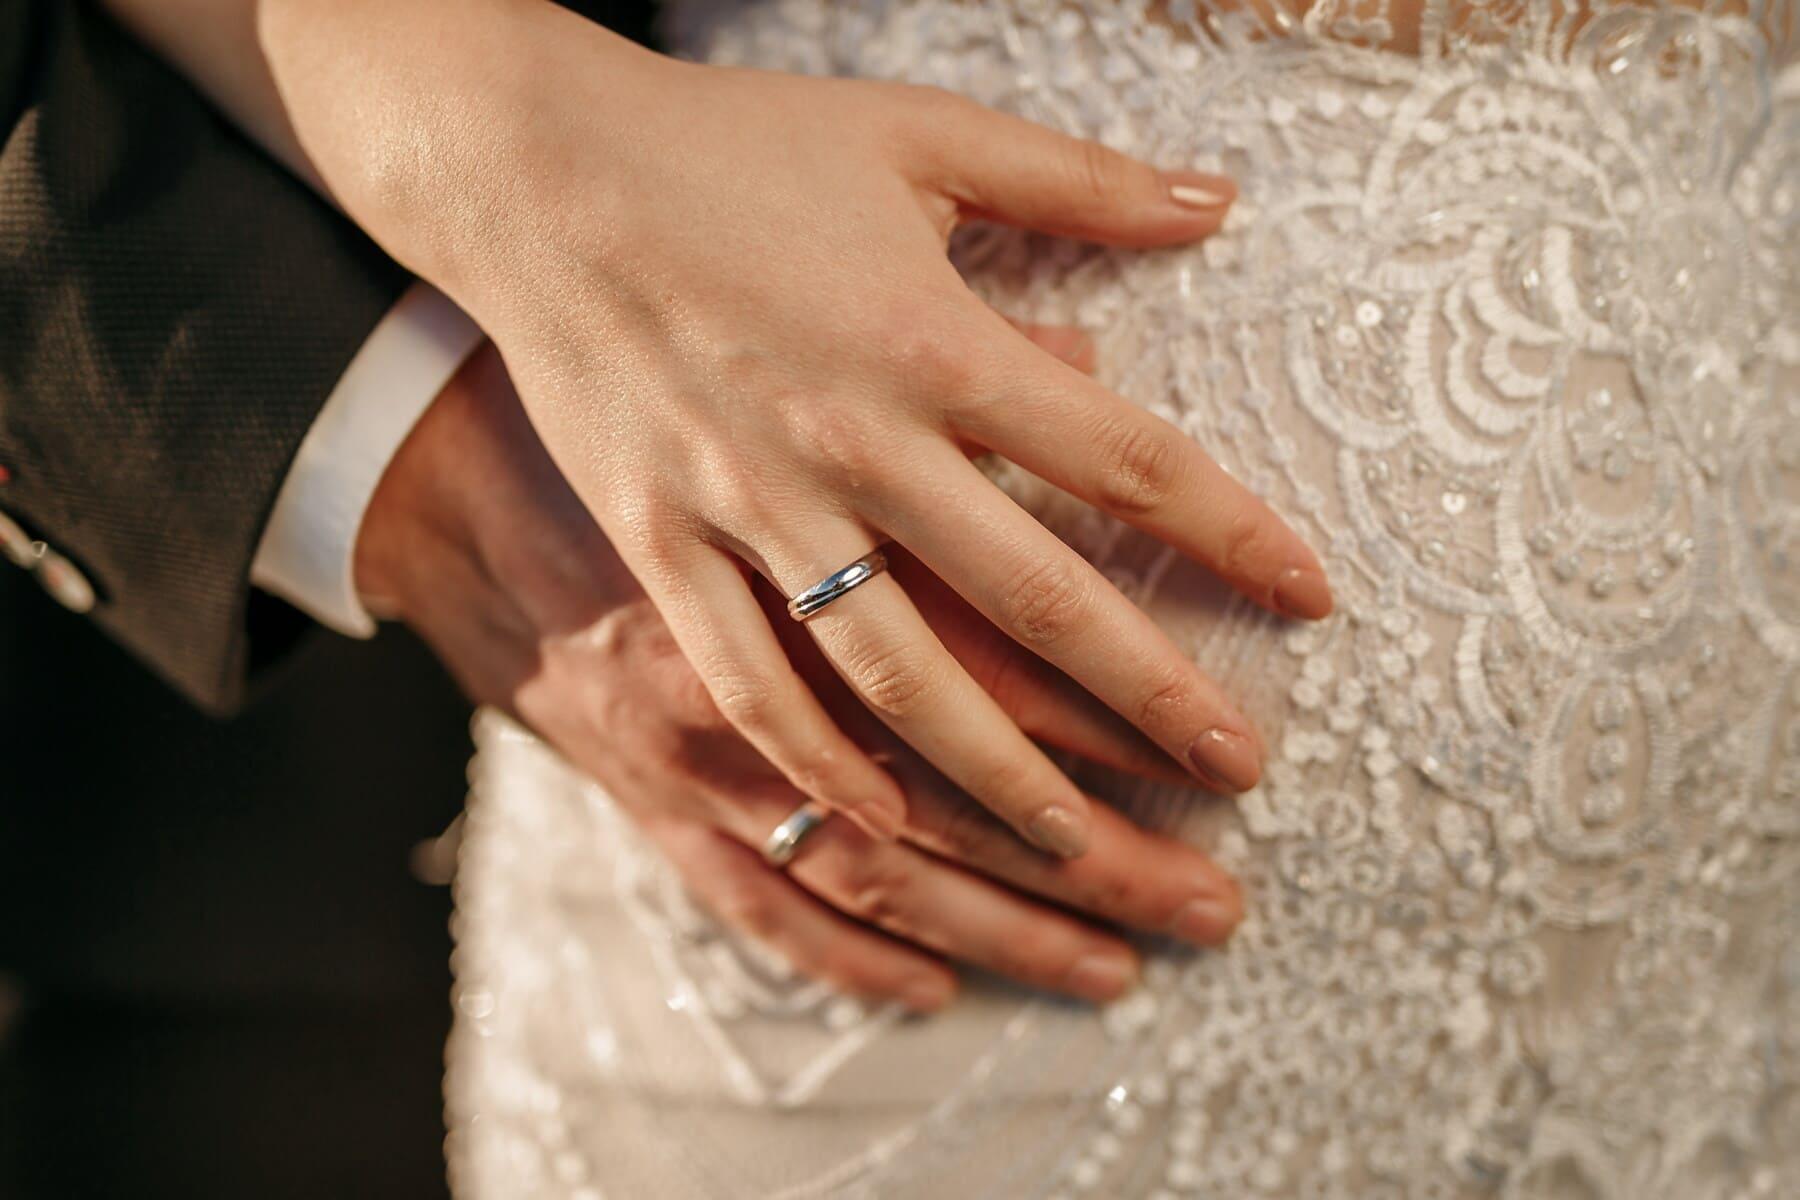 венчален пръстен, бижута, държейки се за ръце, пръстени, ръце, пръст, ръка, сватба, тяло, кожата